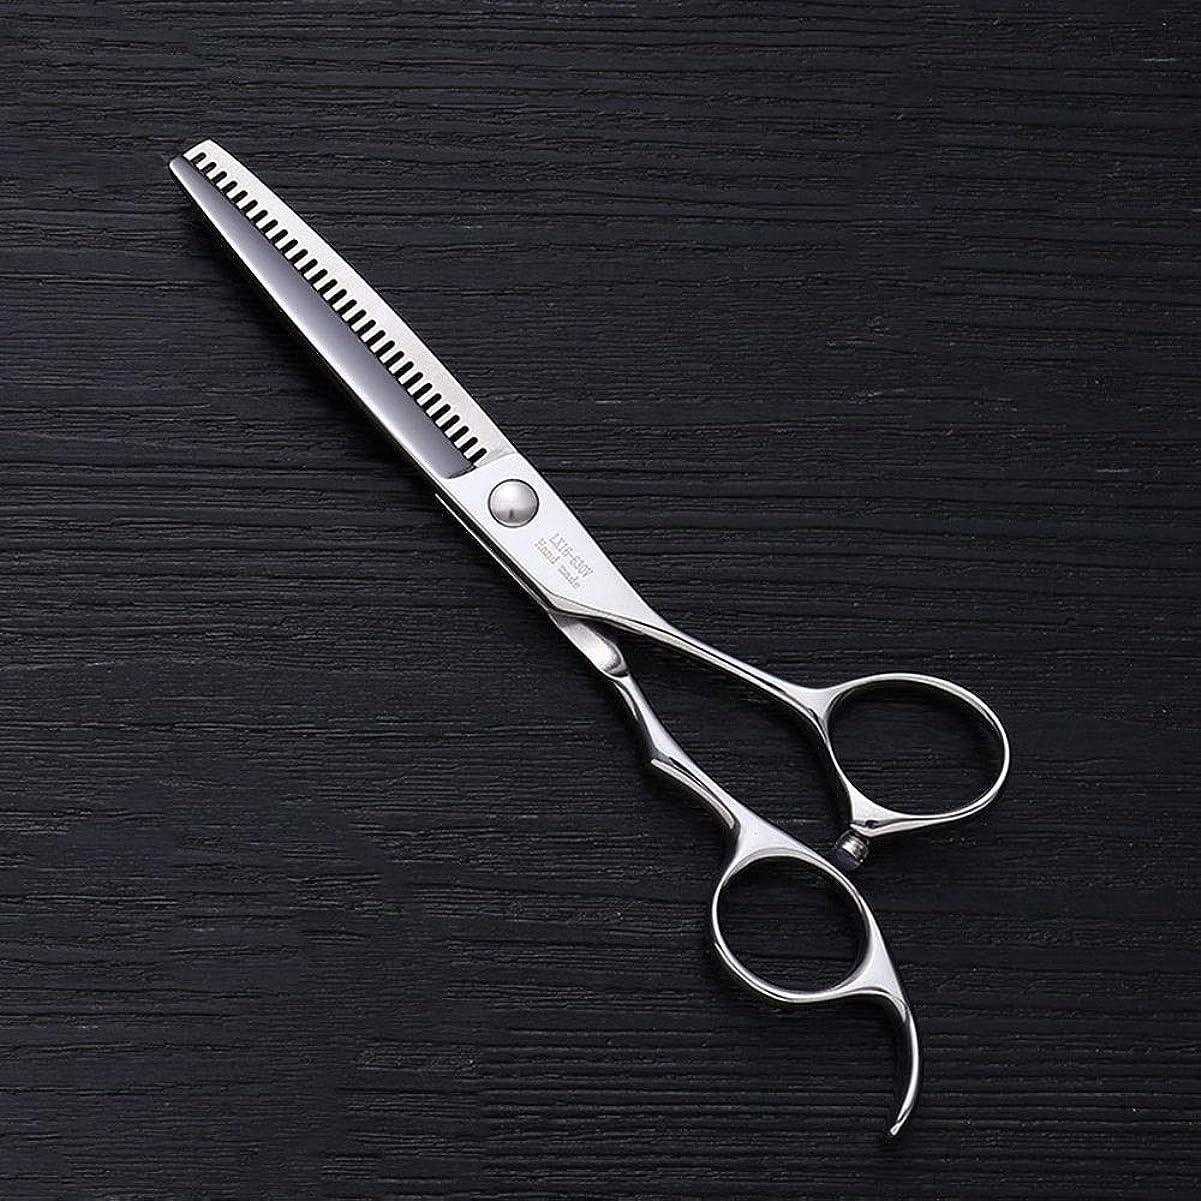 フィールド医療過誤ハミングバード6インチの美容院のステンレス鋼の専門のバリカン、30本の歯の魚の骨は専門の薄いせん断を切りました モデリングツール (色 : Silver)